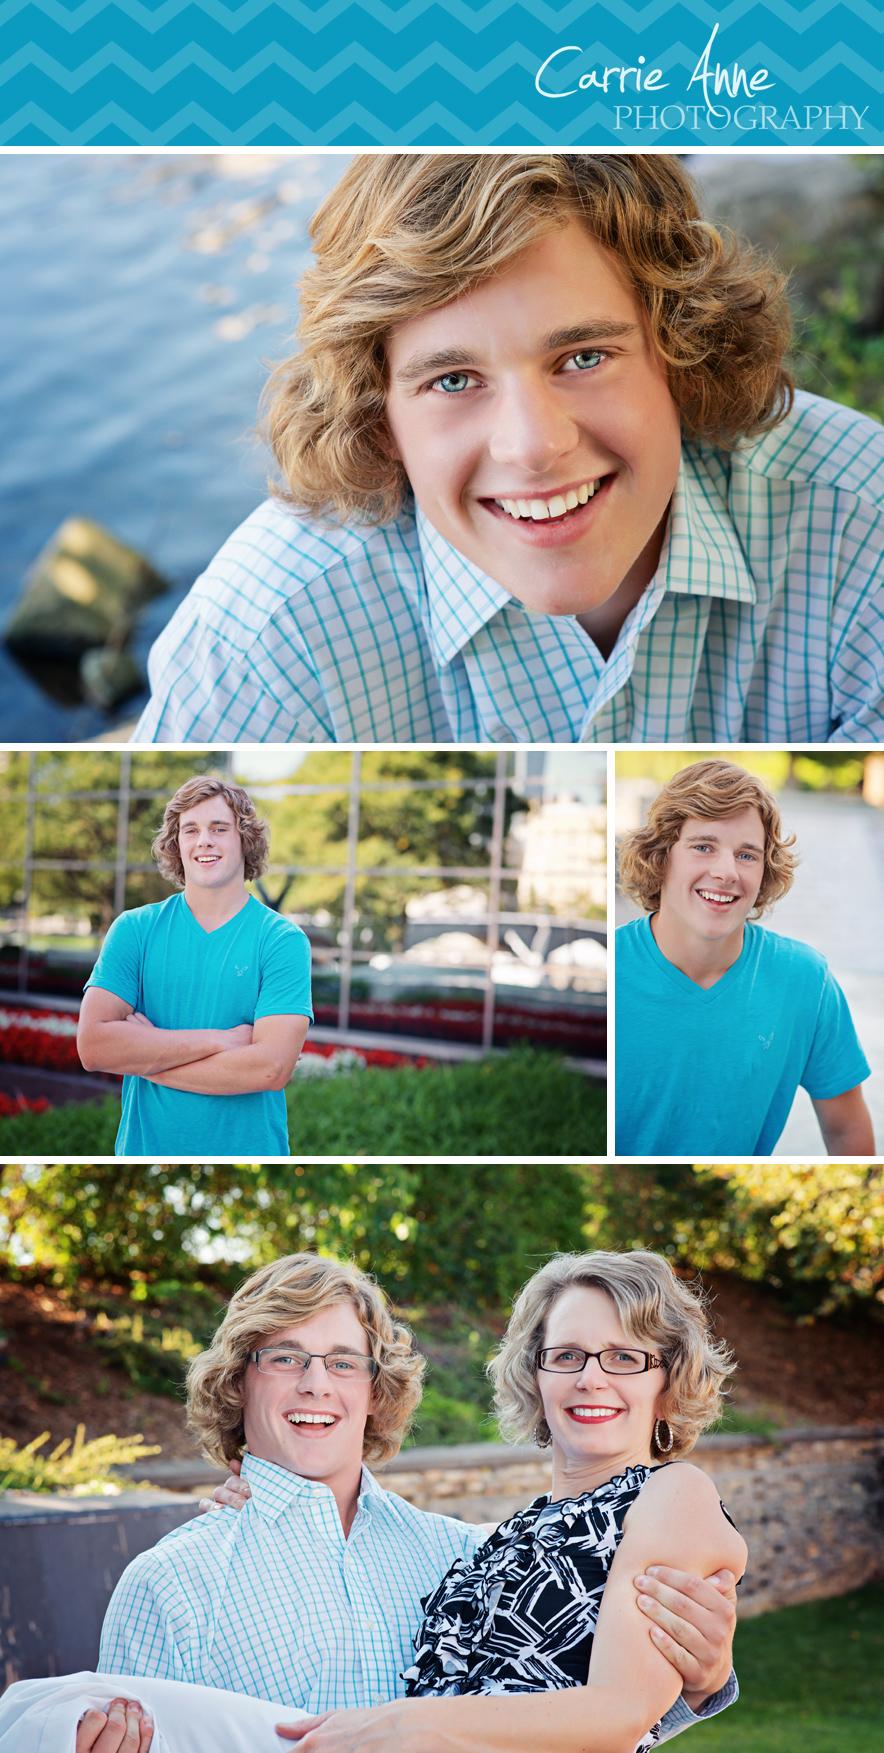 Grand Rapids Urban Senior Guy Pictures Hip, Urban Senior Guy Photography by Carrie Anne Photography